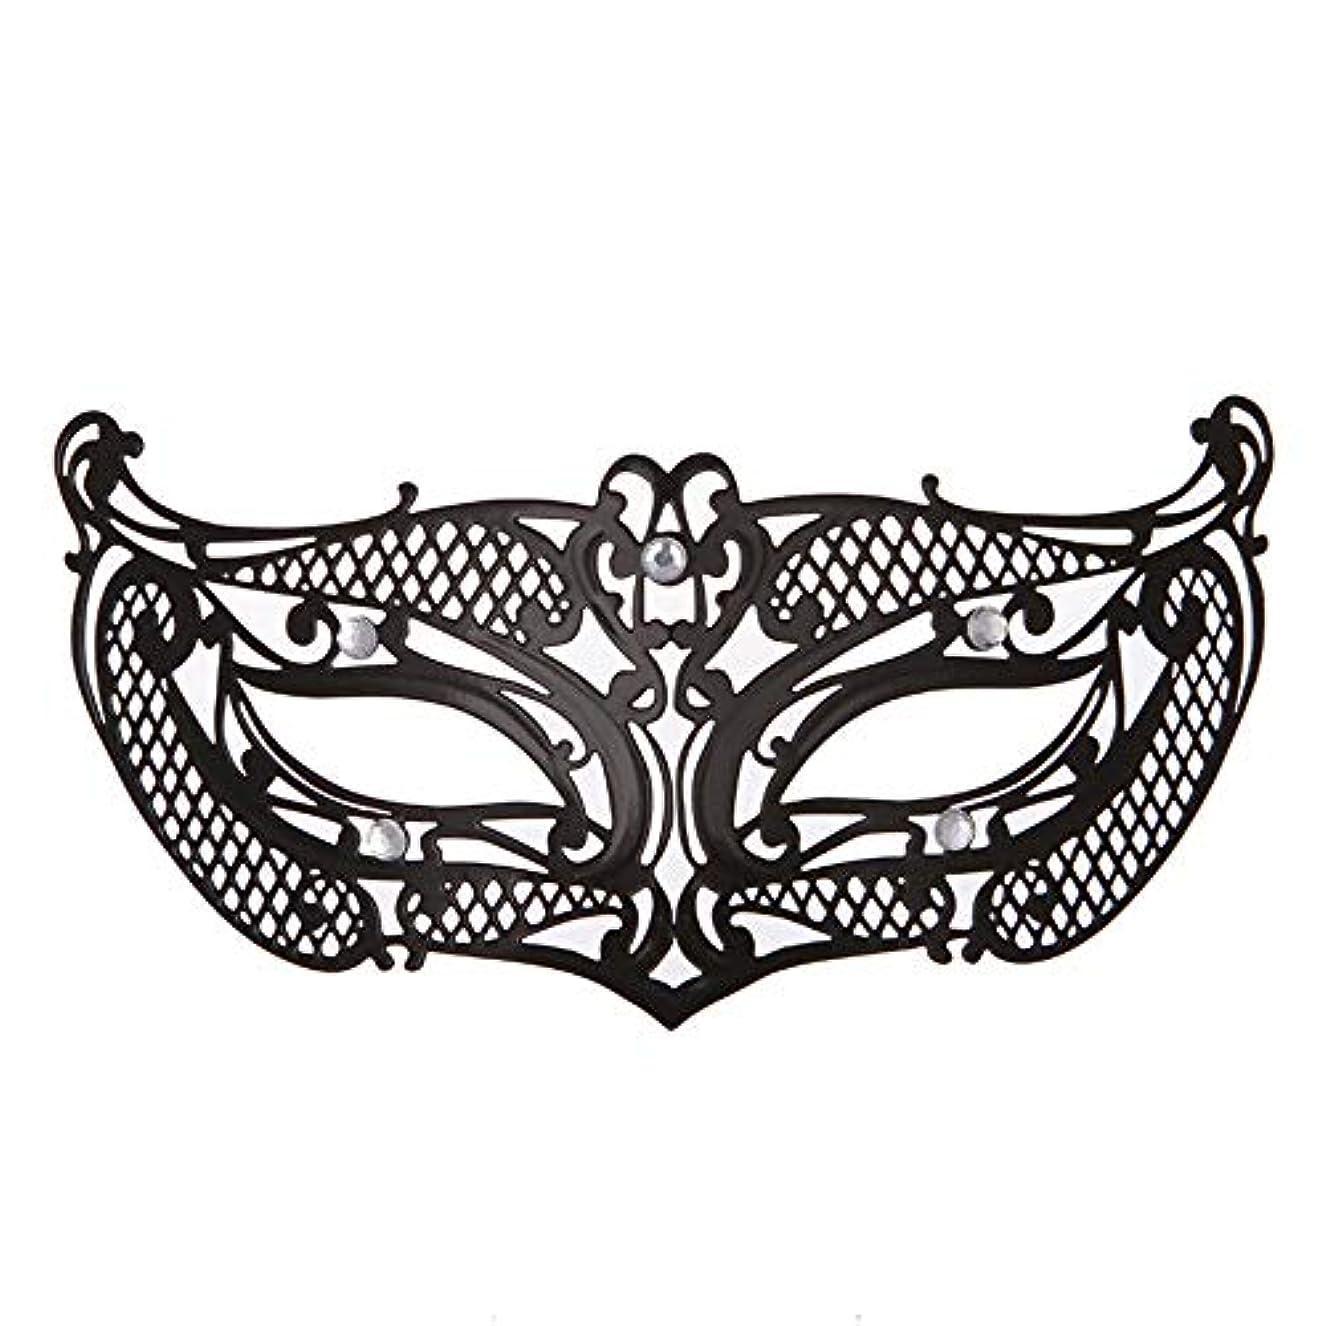 今無意識決定ダンスマスク アイアンメタリックレースとダイヤモンドハーフマスクハロウィンダンスマスクナイトクラブボールマスクコスプレパーティーハロウィンマスク パーティーボールマスク (色 : ブラック, サイズ : 19x8cm)